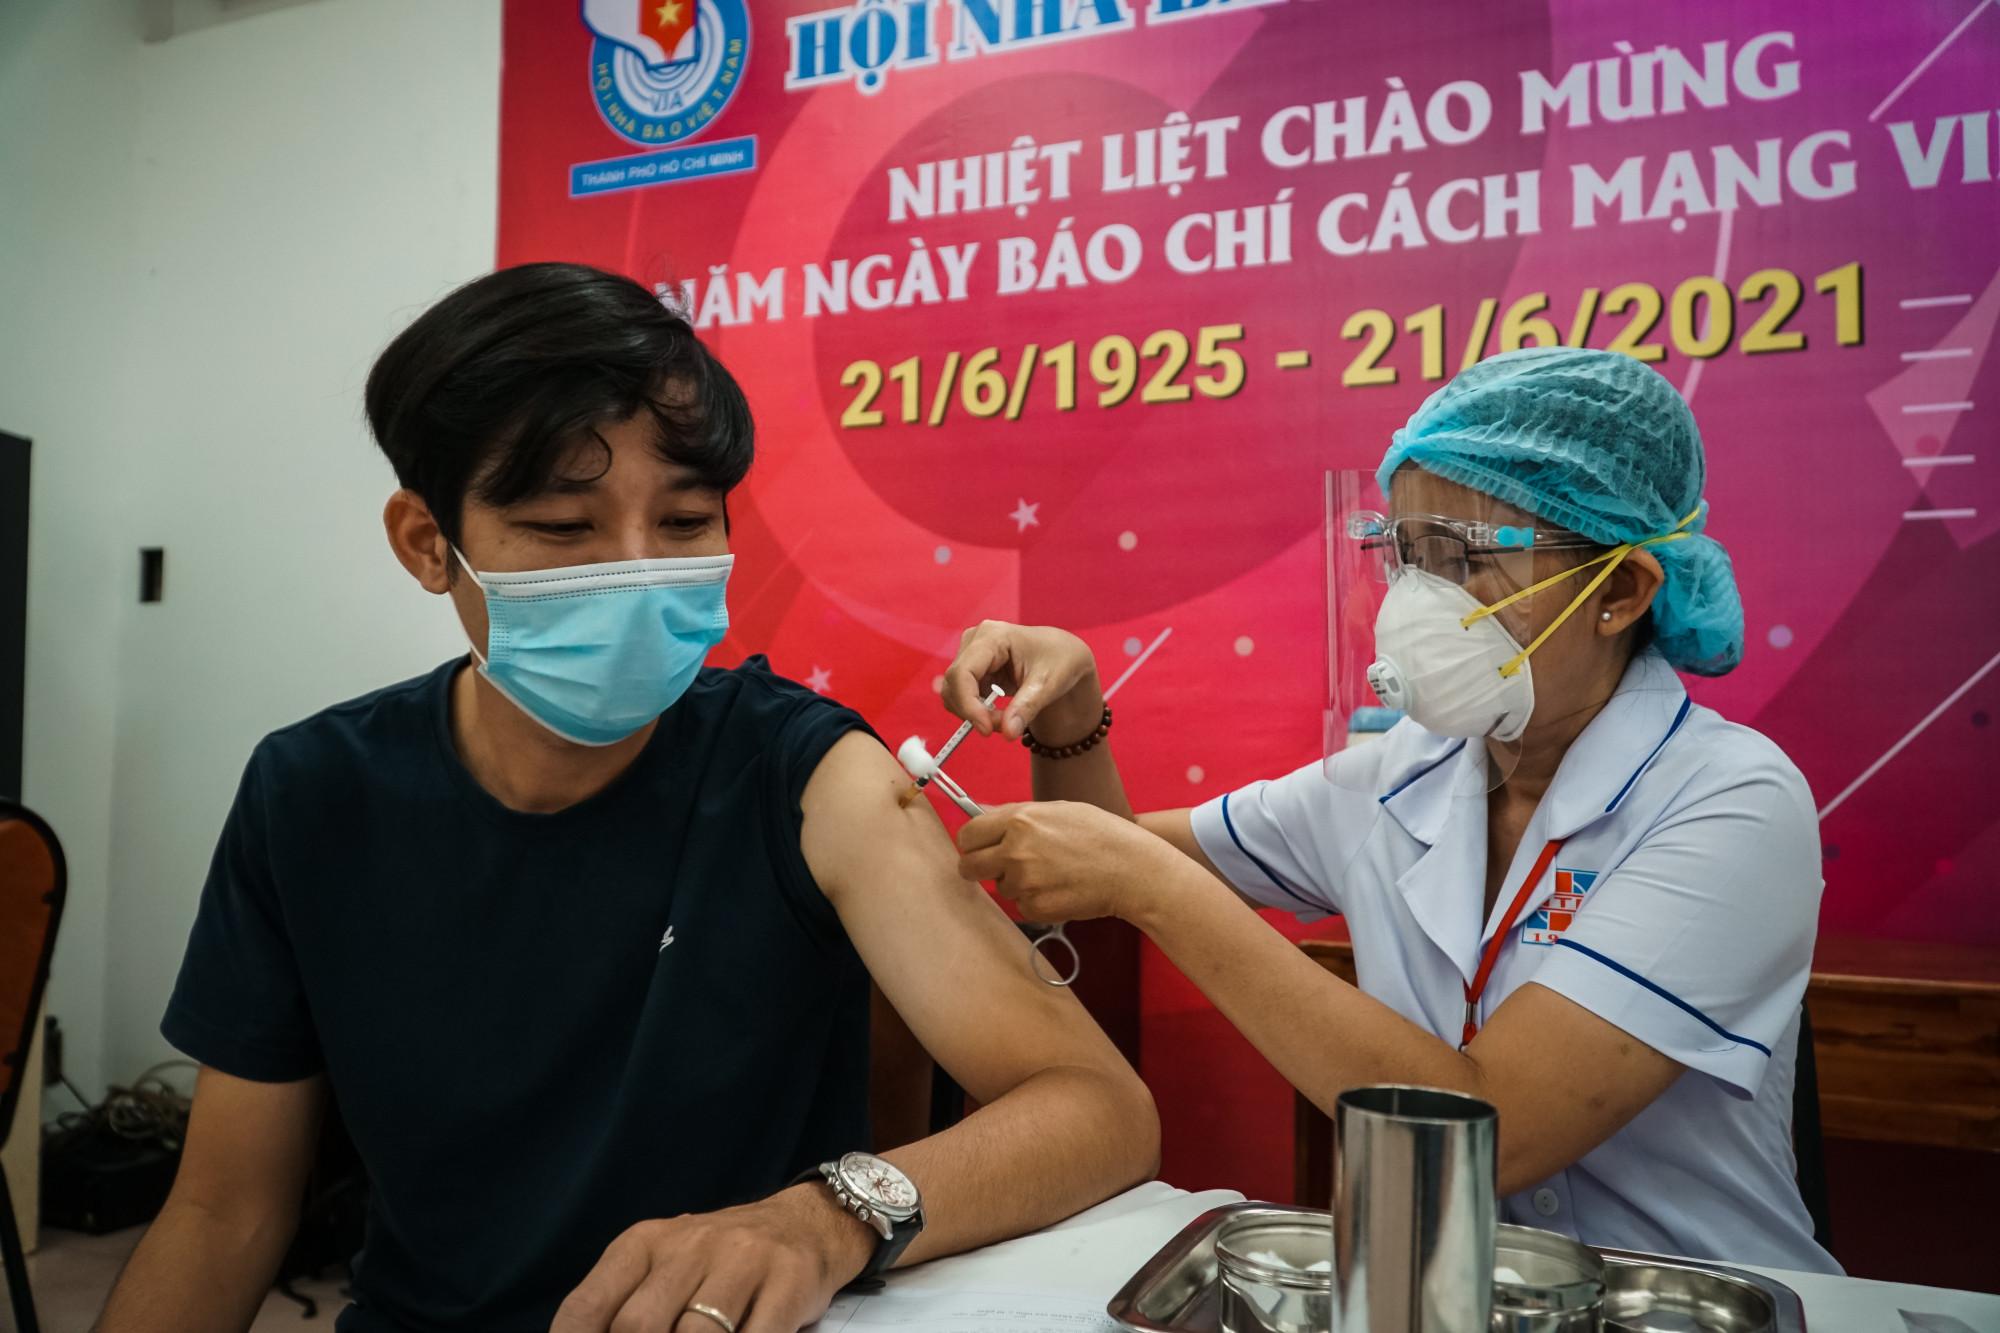 Sau khi tiêm vaccine, phóng viên phải ngồi lại theo dõi 30 phút, sau đó mới được ra về